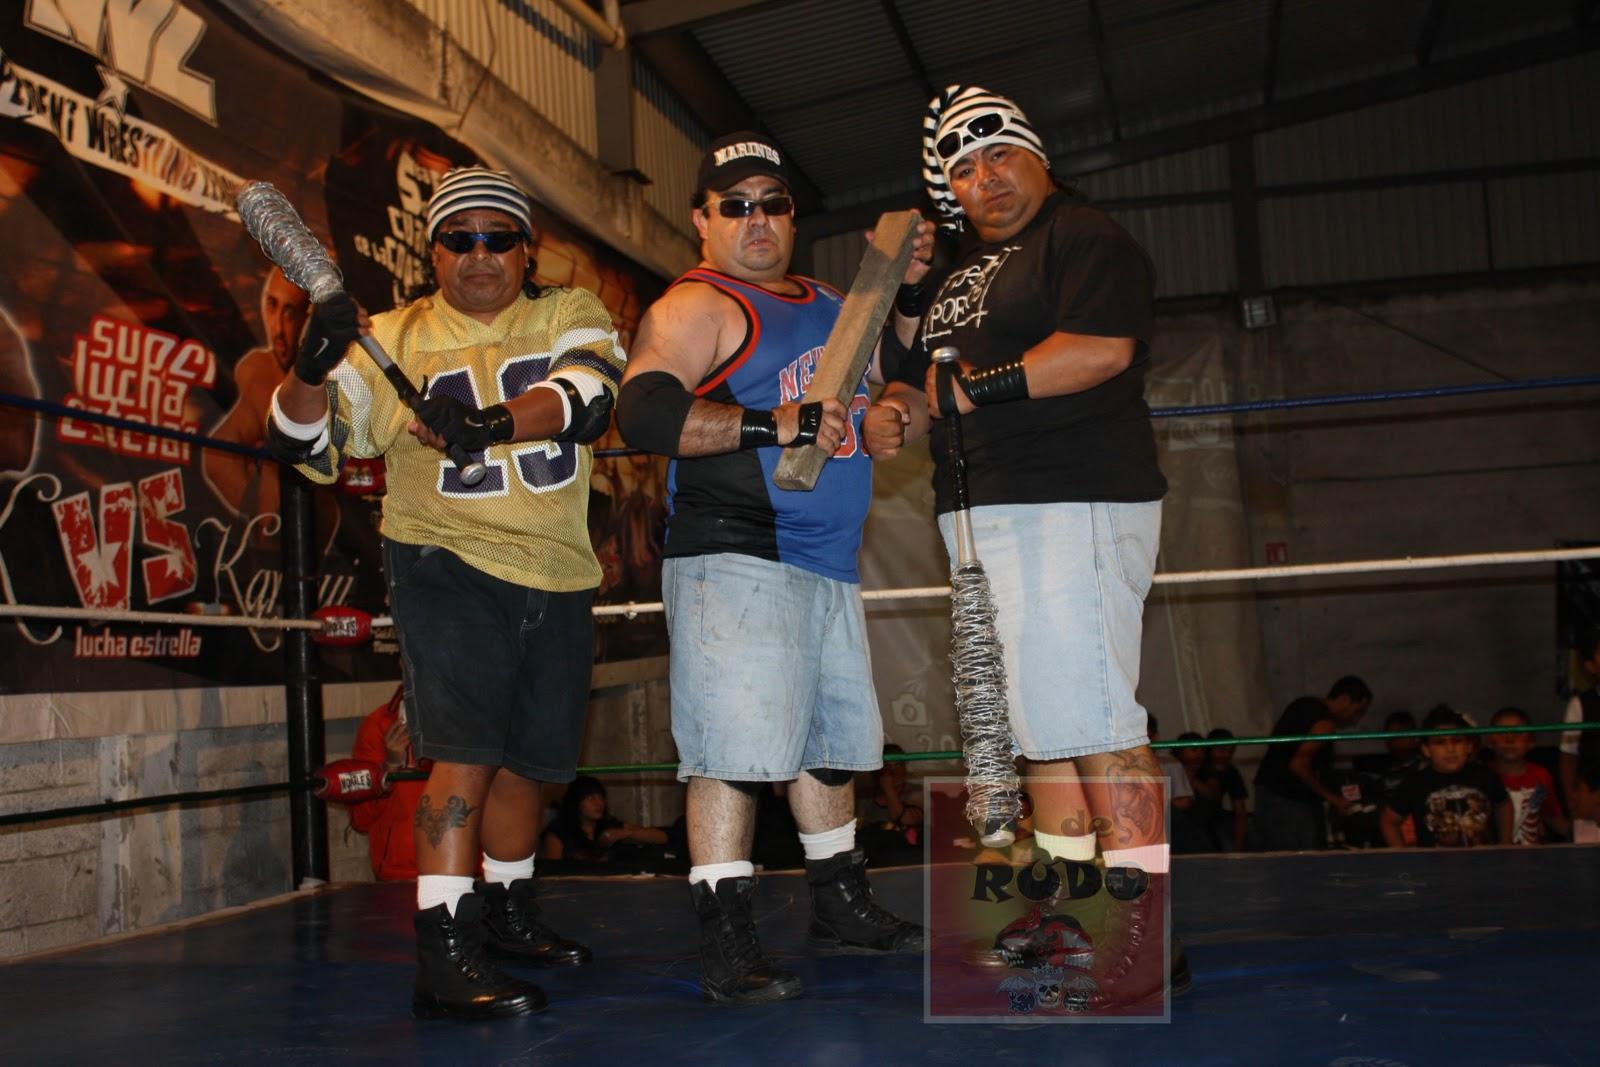 Luchadores Los Porros Pleito Entre Los Porros